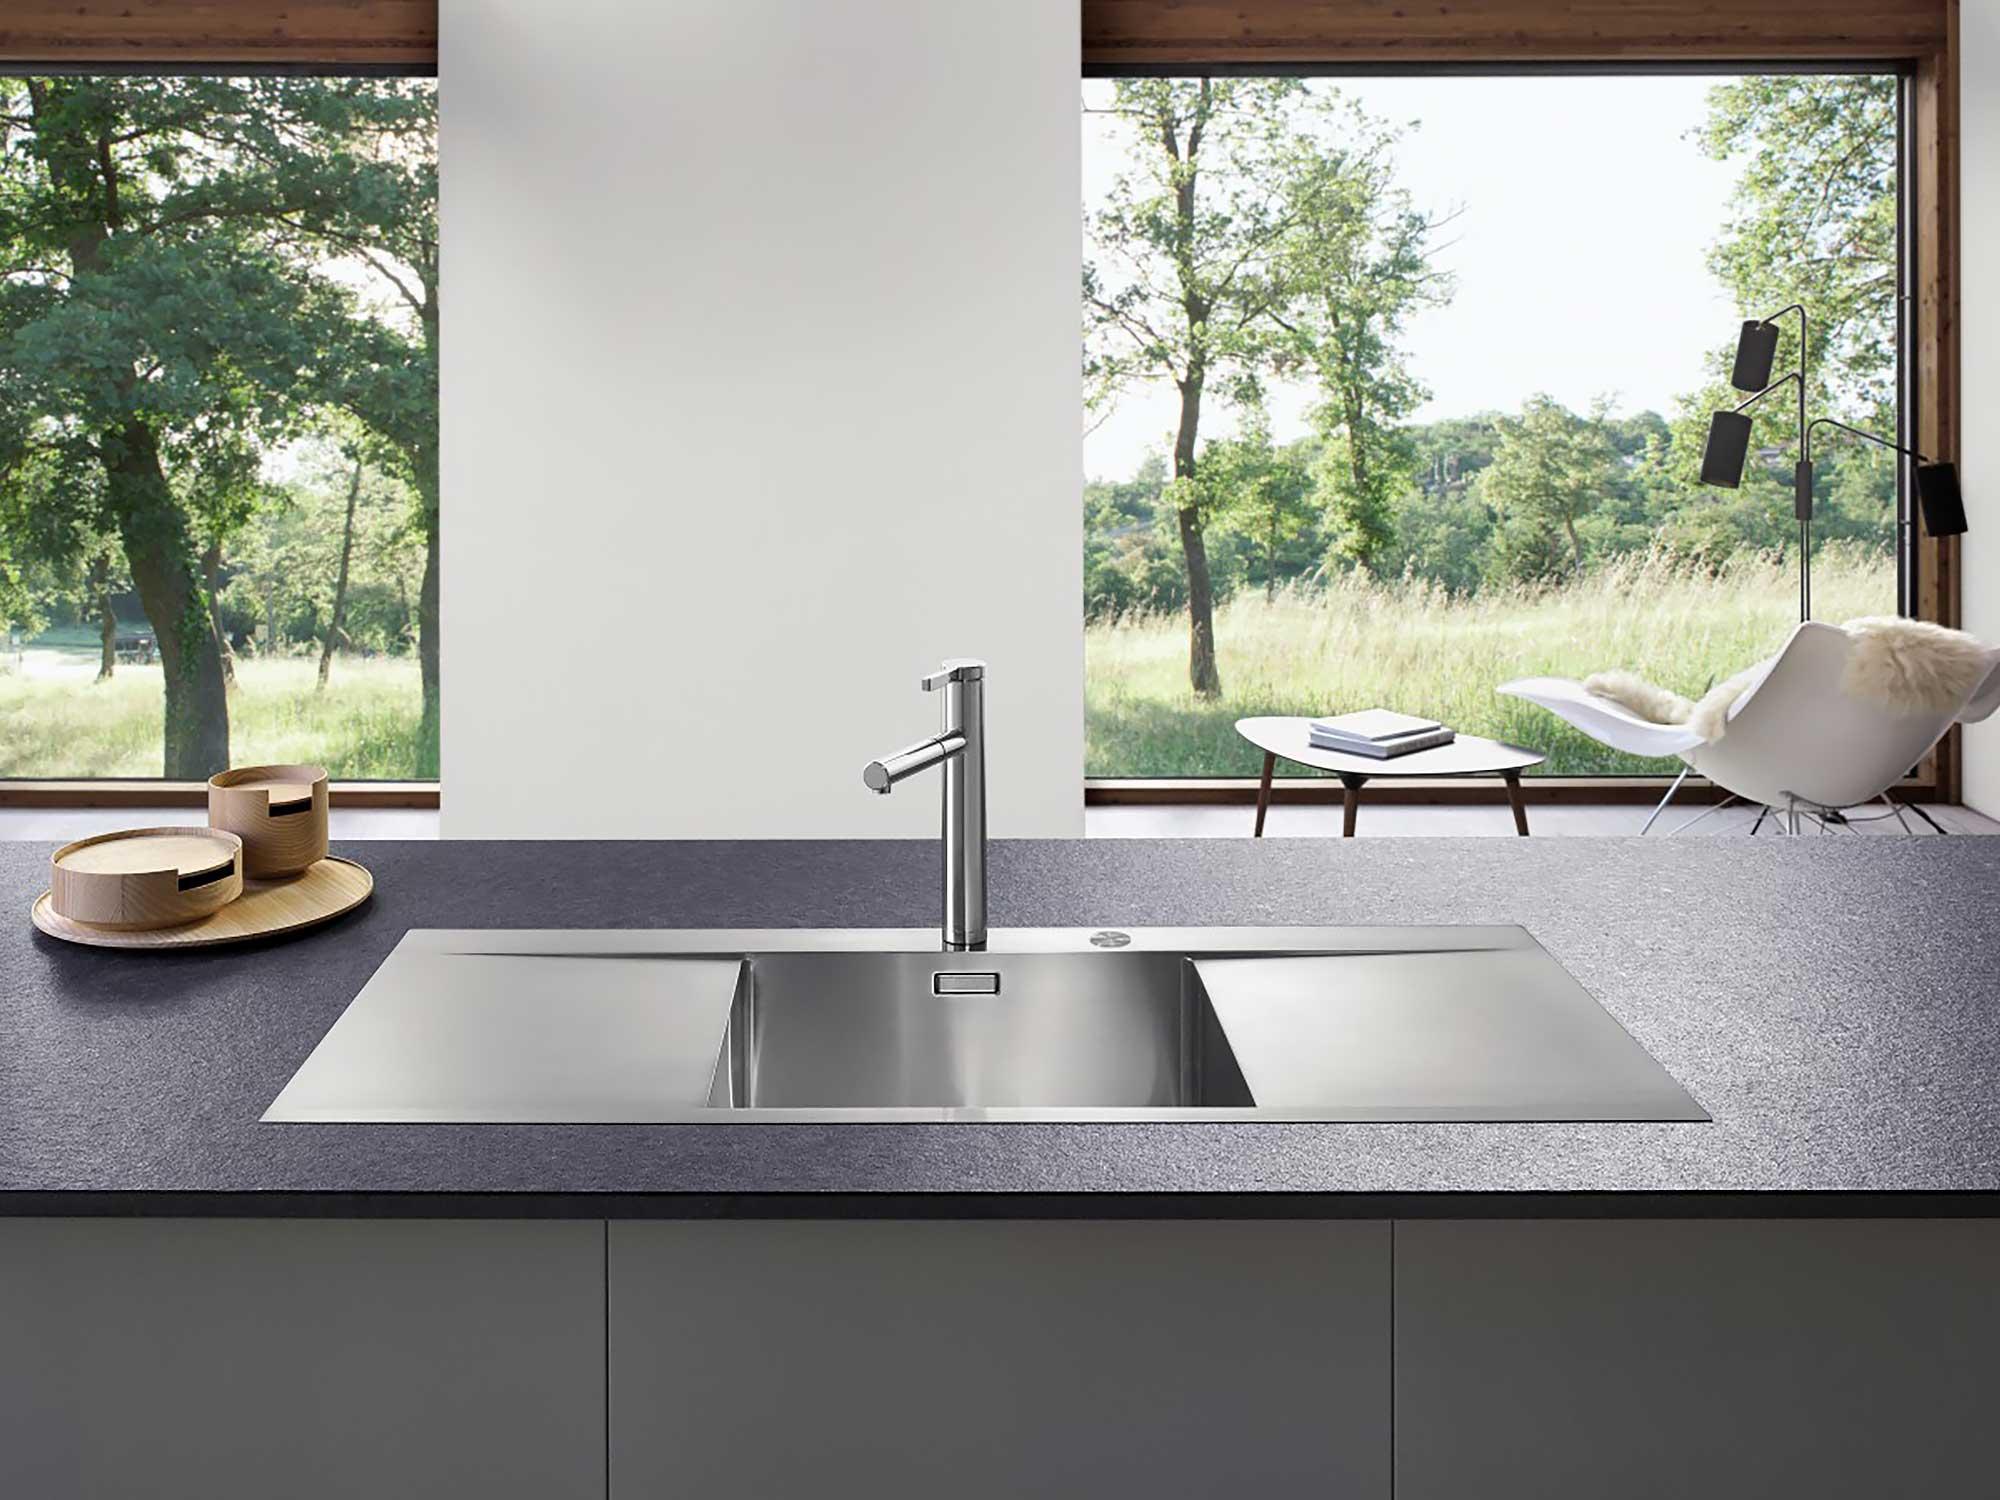 Blanco kitchen sink in designer kitchen